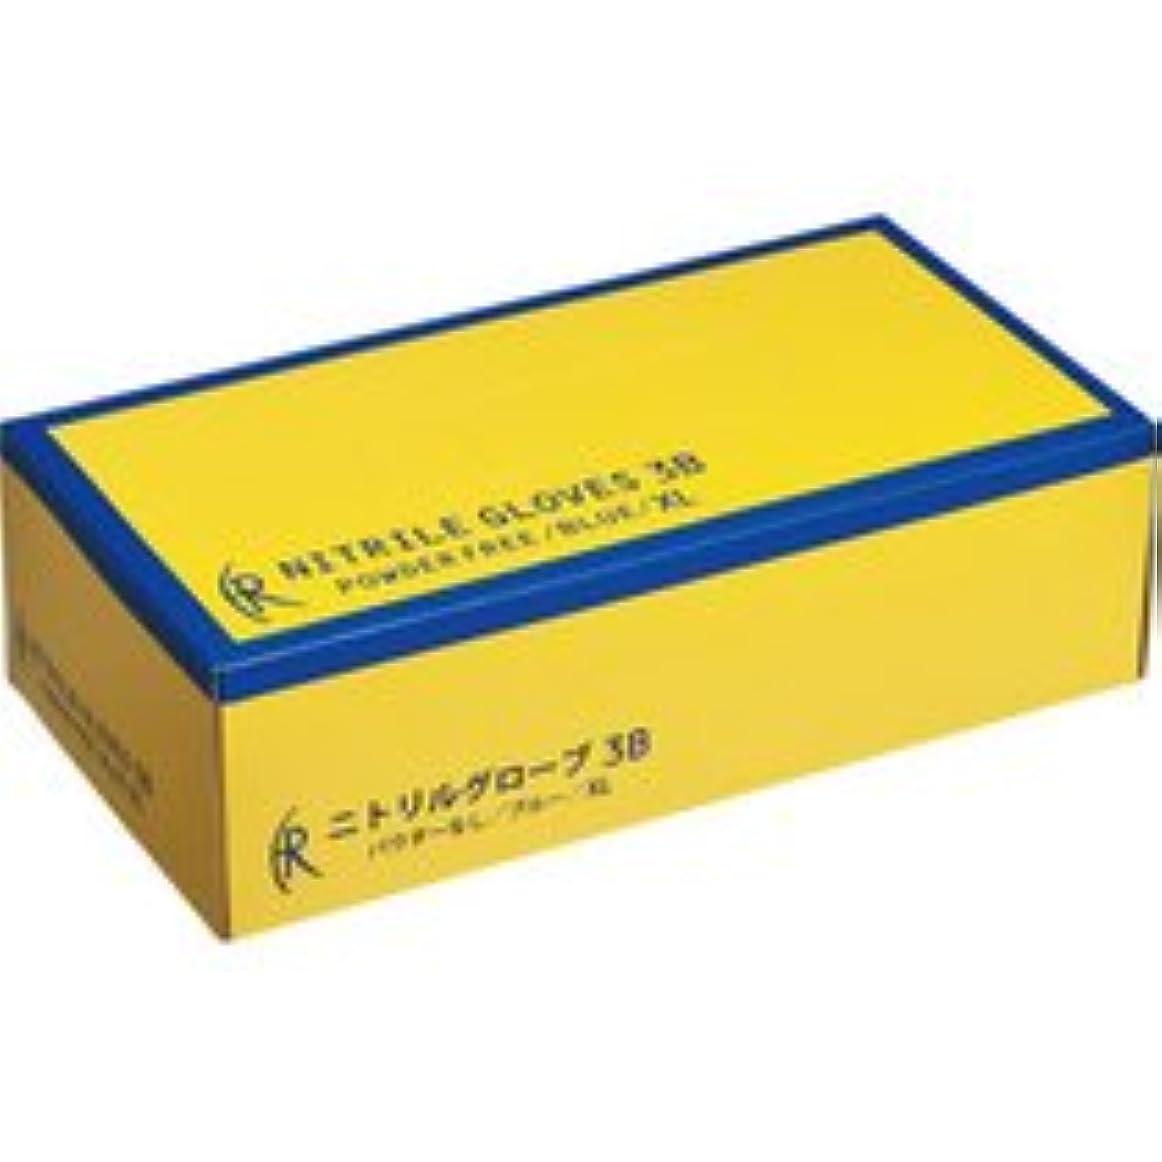 世界に死んだバンガローのためファーストレイト ニトリルグローブ3B パウダーフリー XL FR-5664 1セット(2000枚:200枚×10箱)